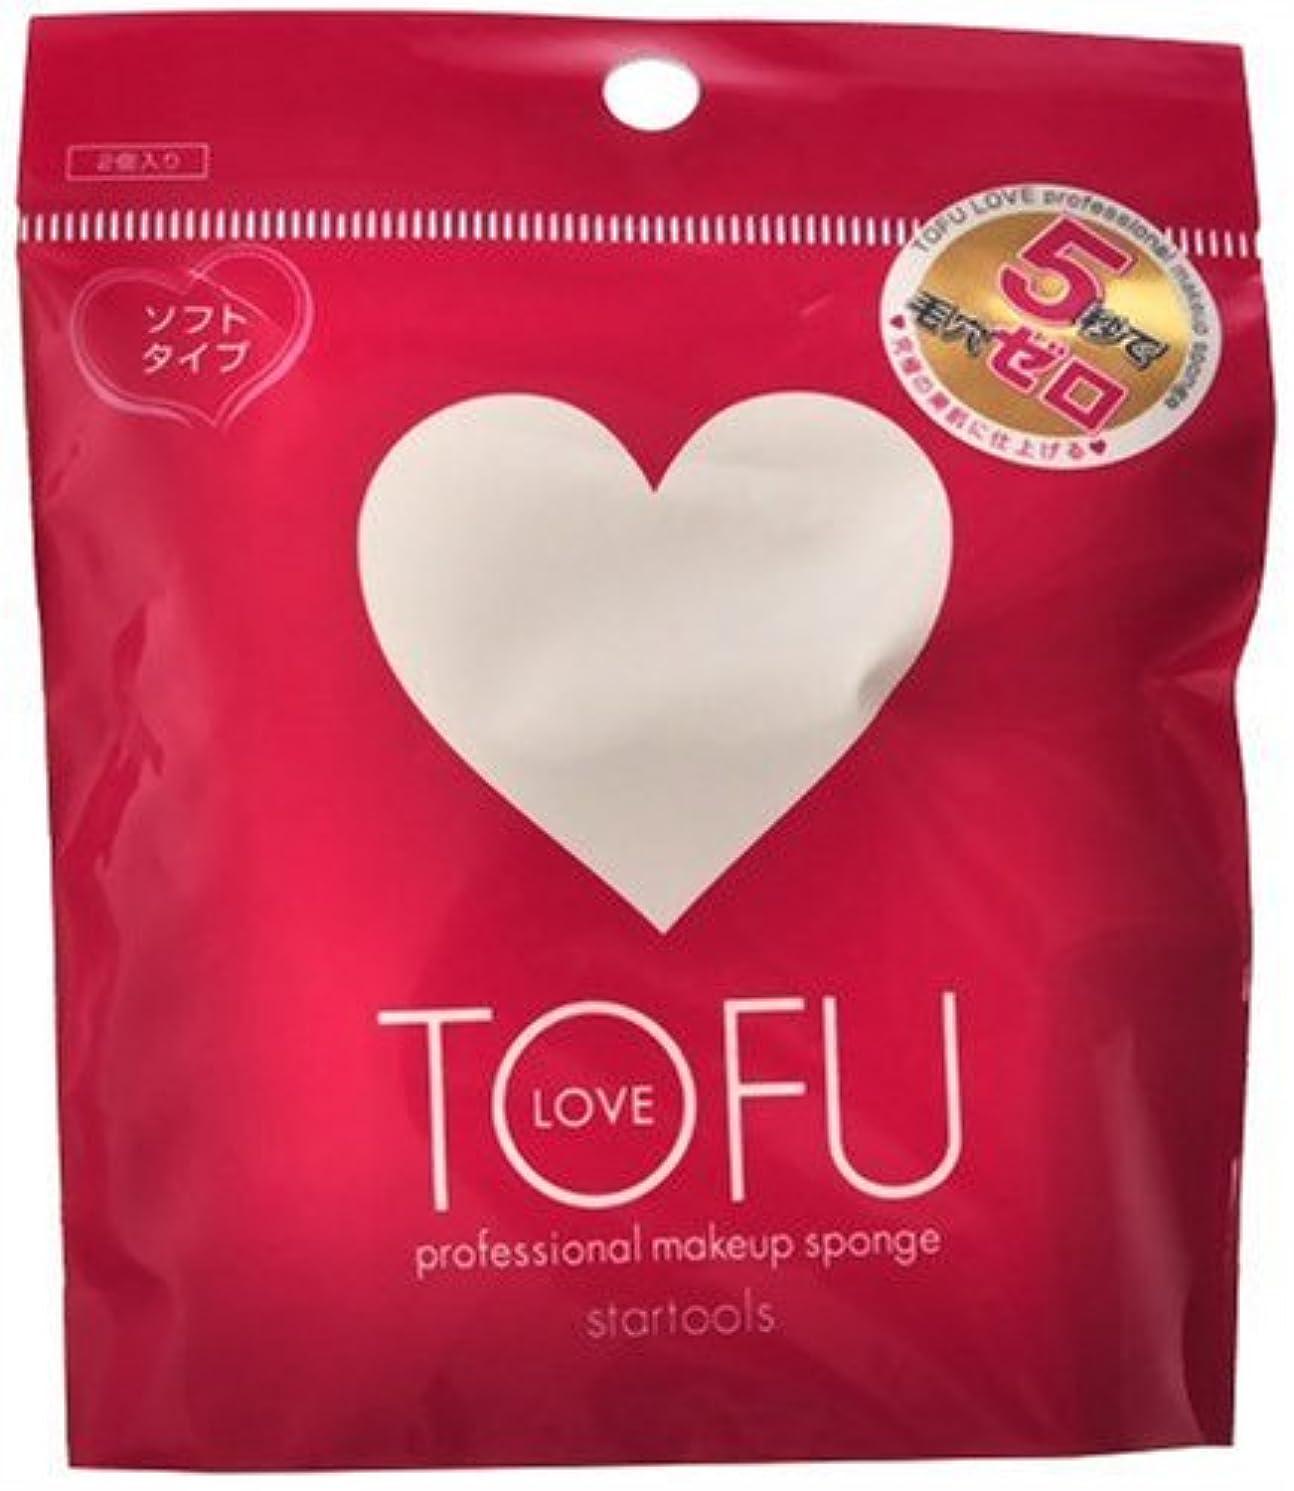 入口データ制限されたTOFU LOVE プロフェッショナルメイクアップスポンジ 2PC